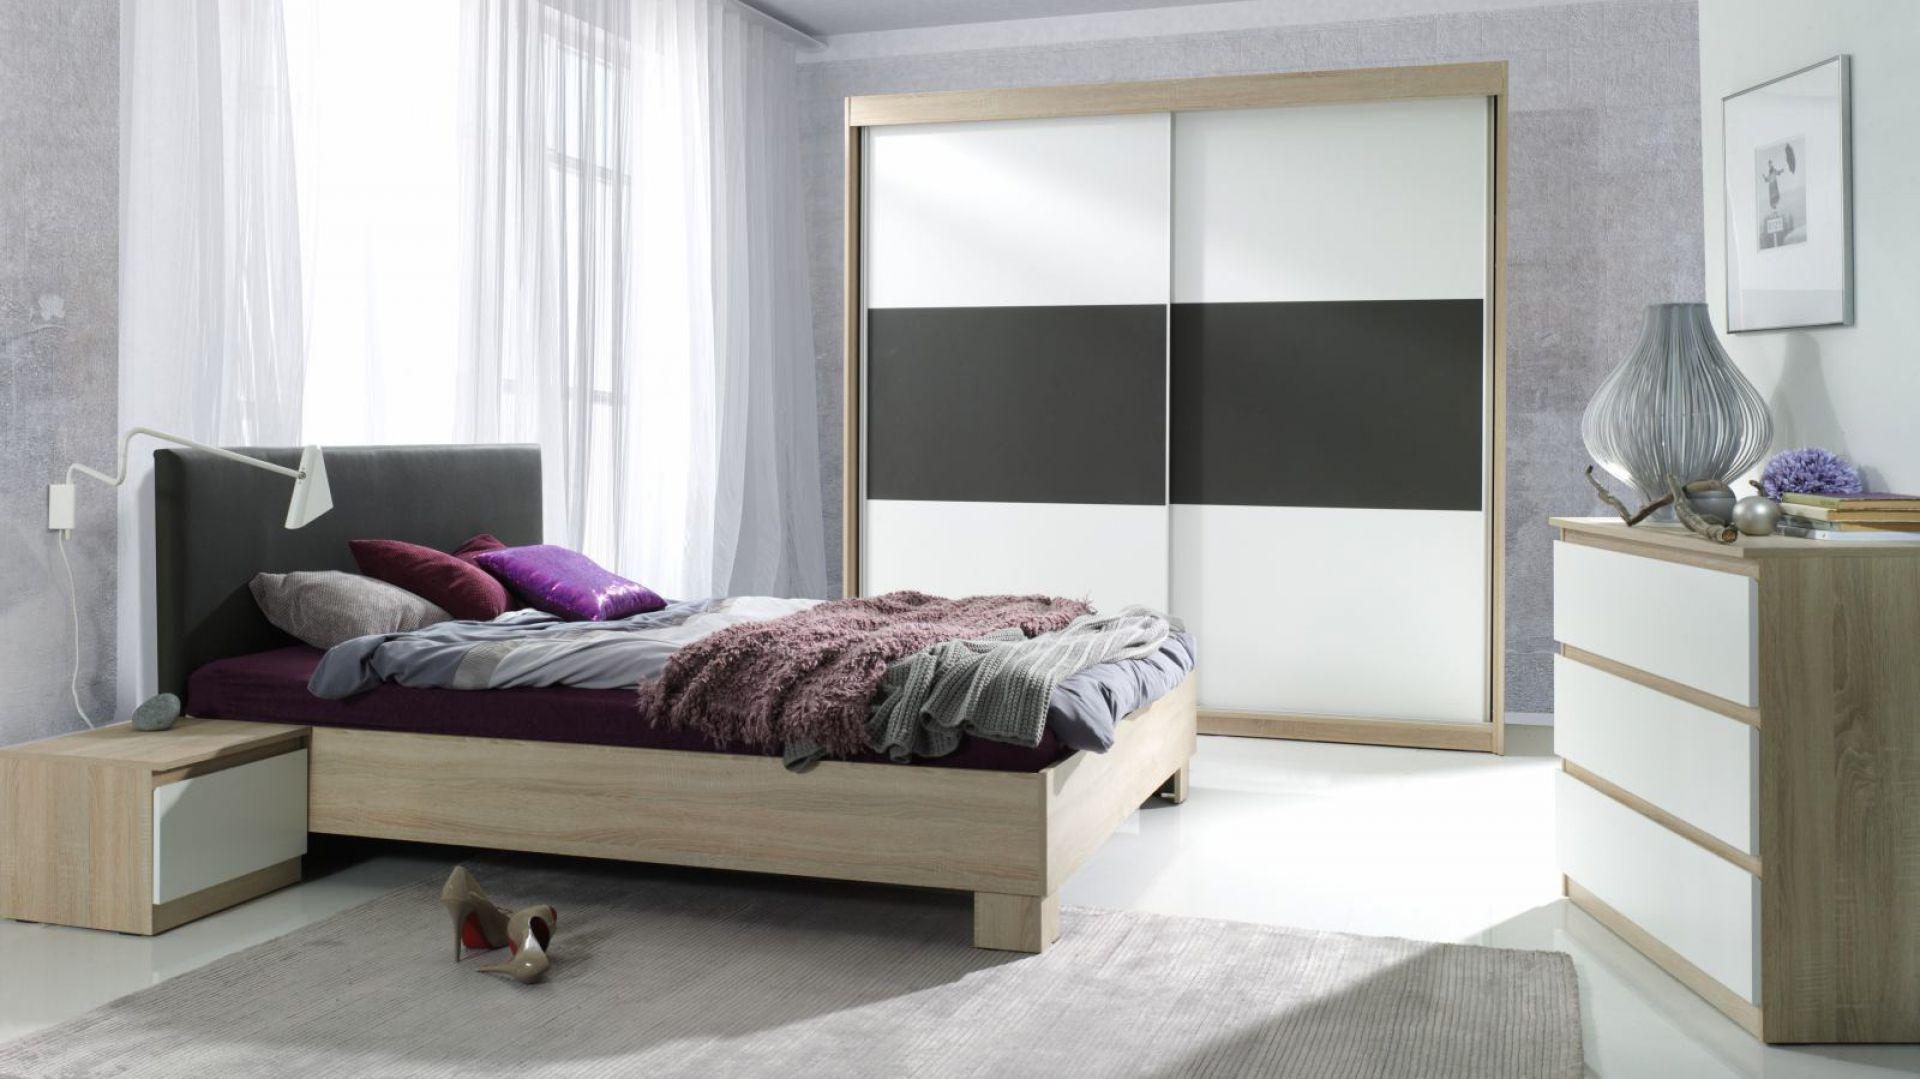 Kolekcja mebli Eden - znajdziemy w niej niezbędne wyposażenie każdej sypialni. Środkowa część szafy została wykonana z ekoskóry, które nawiązuje do materiału zagłówka. Fot. Agata Meble.